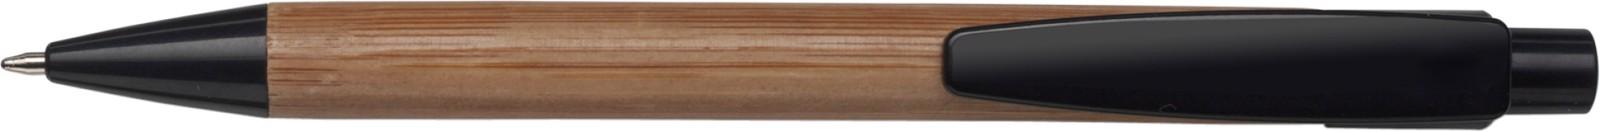 Bamboo ballpen - Black